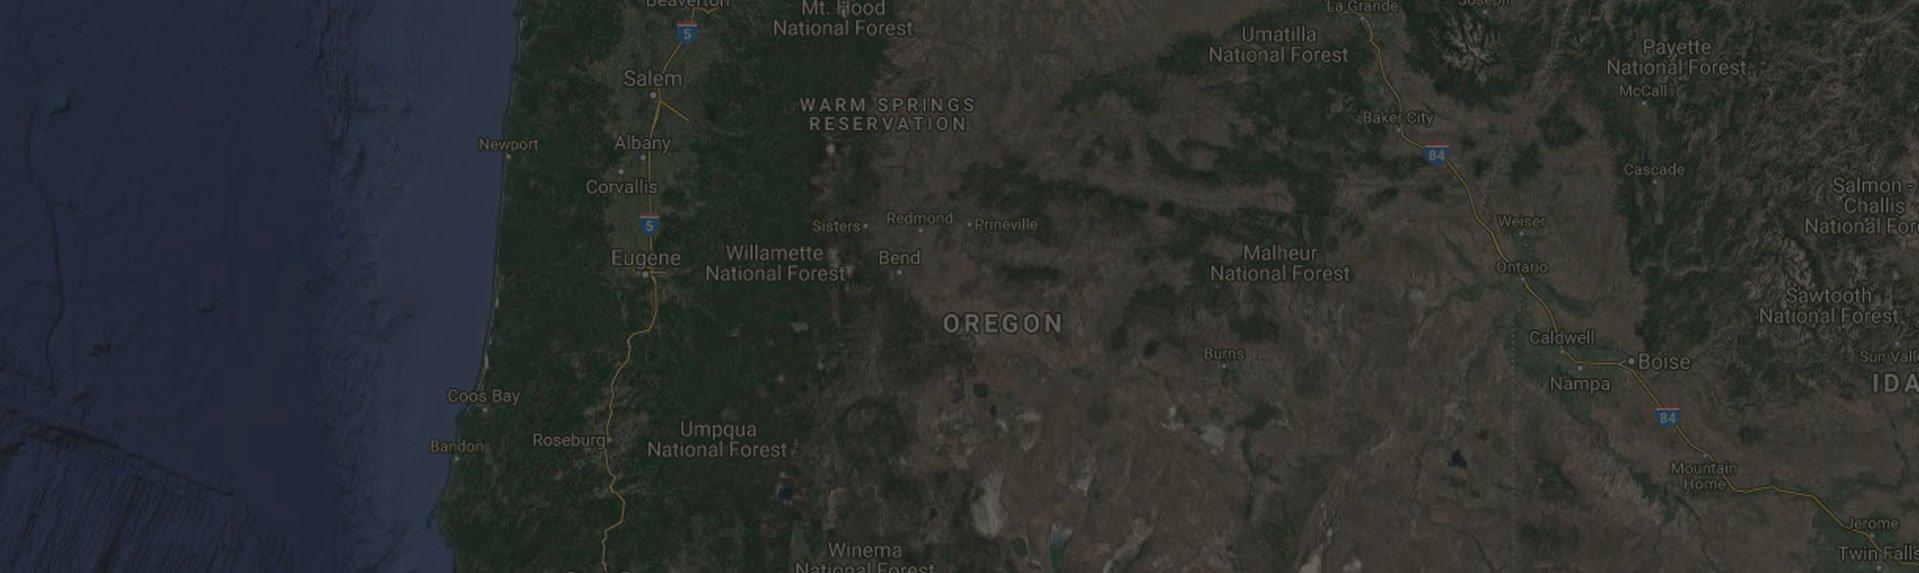 oregon-map-woodscamp